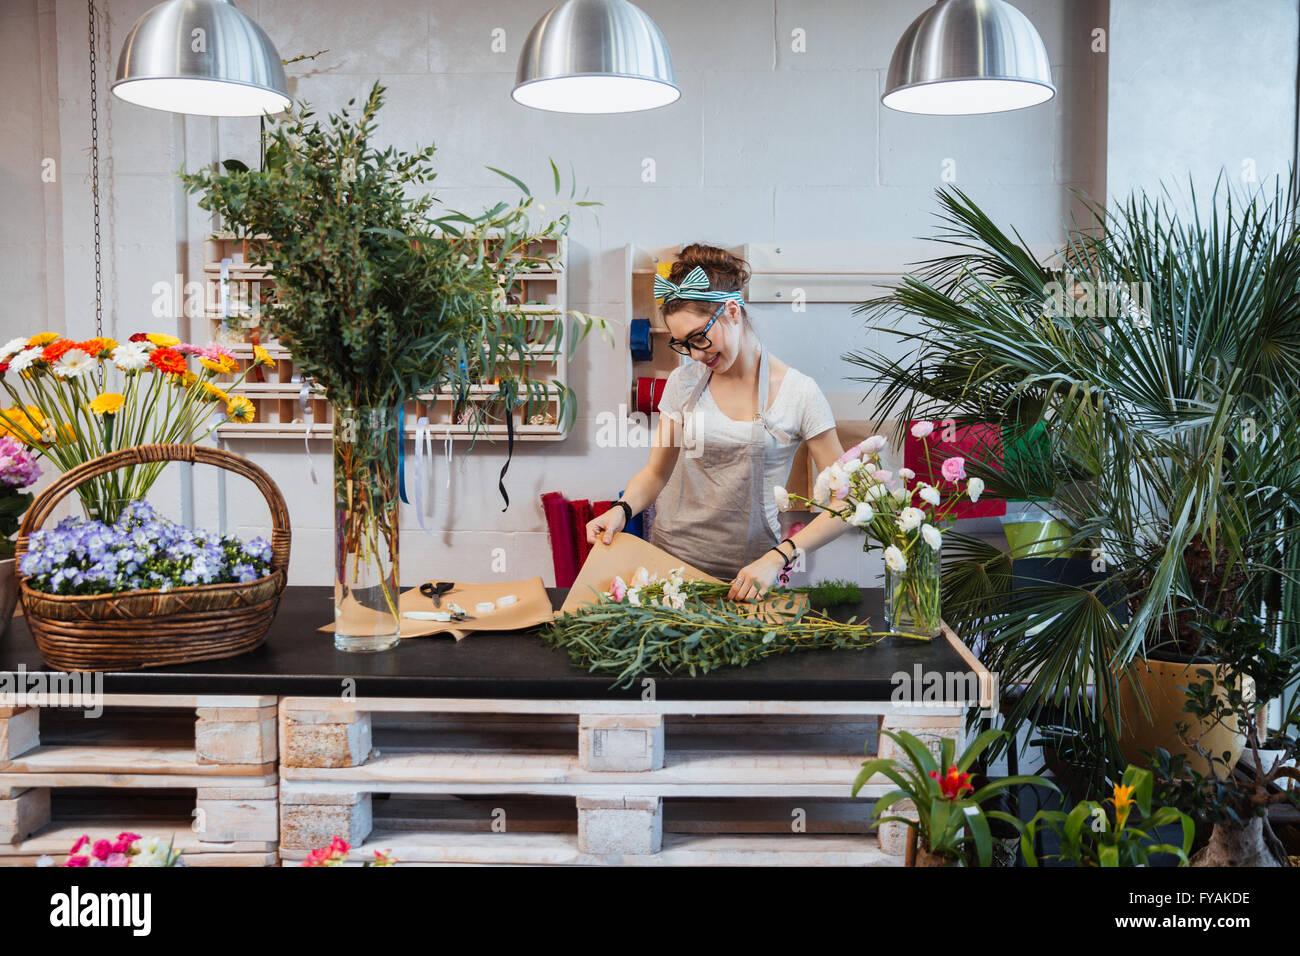 Allegro carino donna giovane fioraio godendo la creazione di bouquet in negozio di fiori Immagini Stock